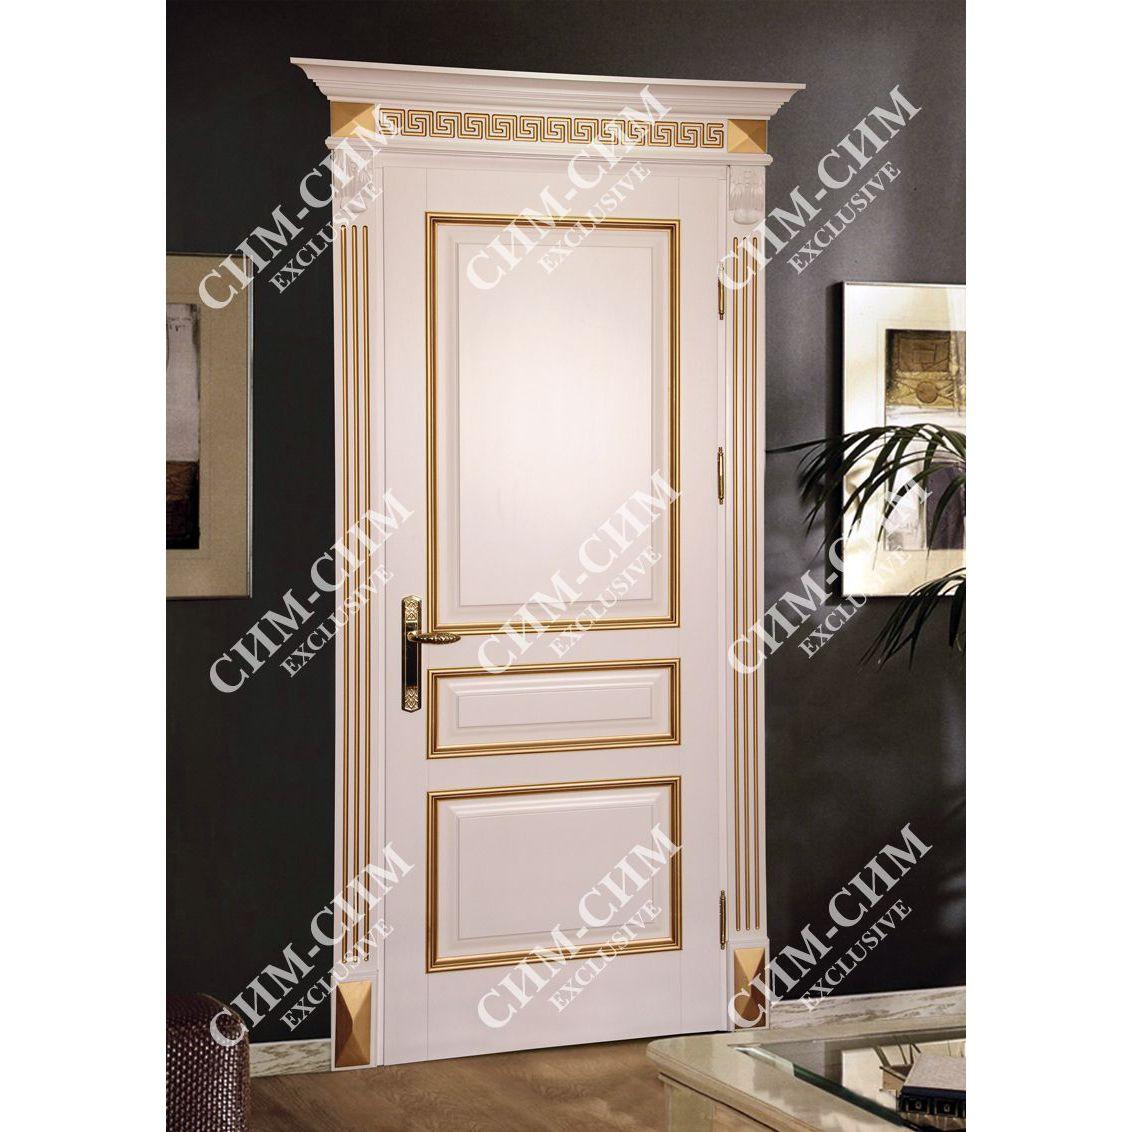 Fabricant de portes d'entree en fer